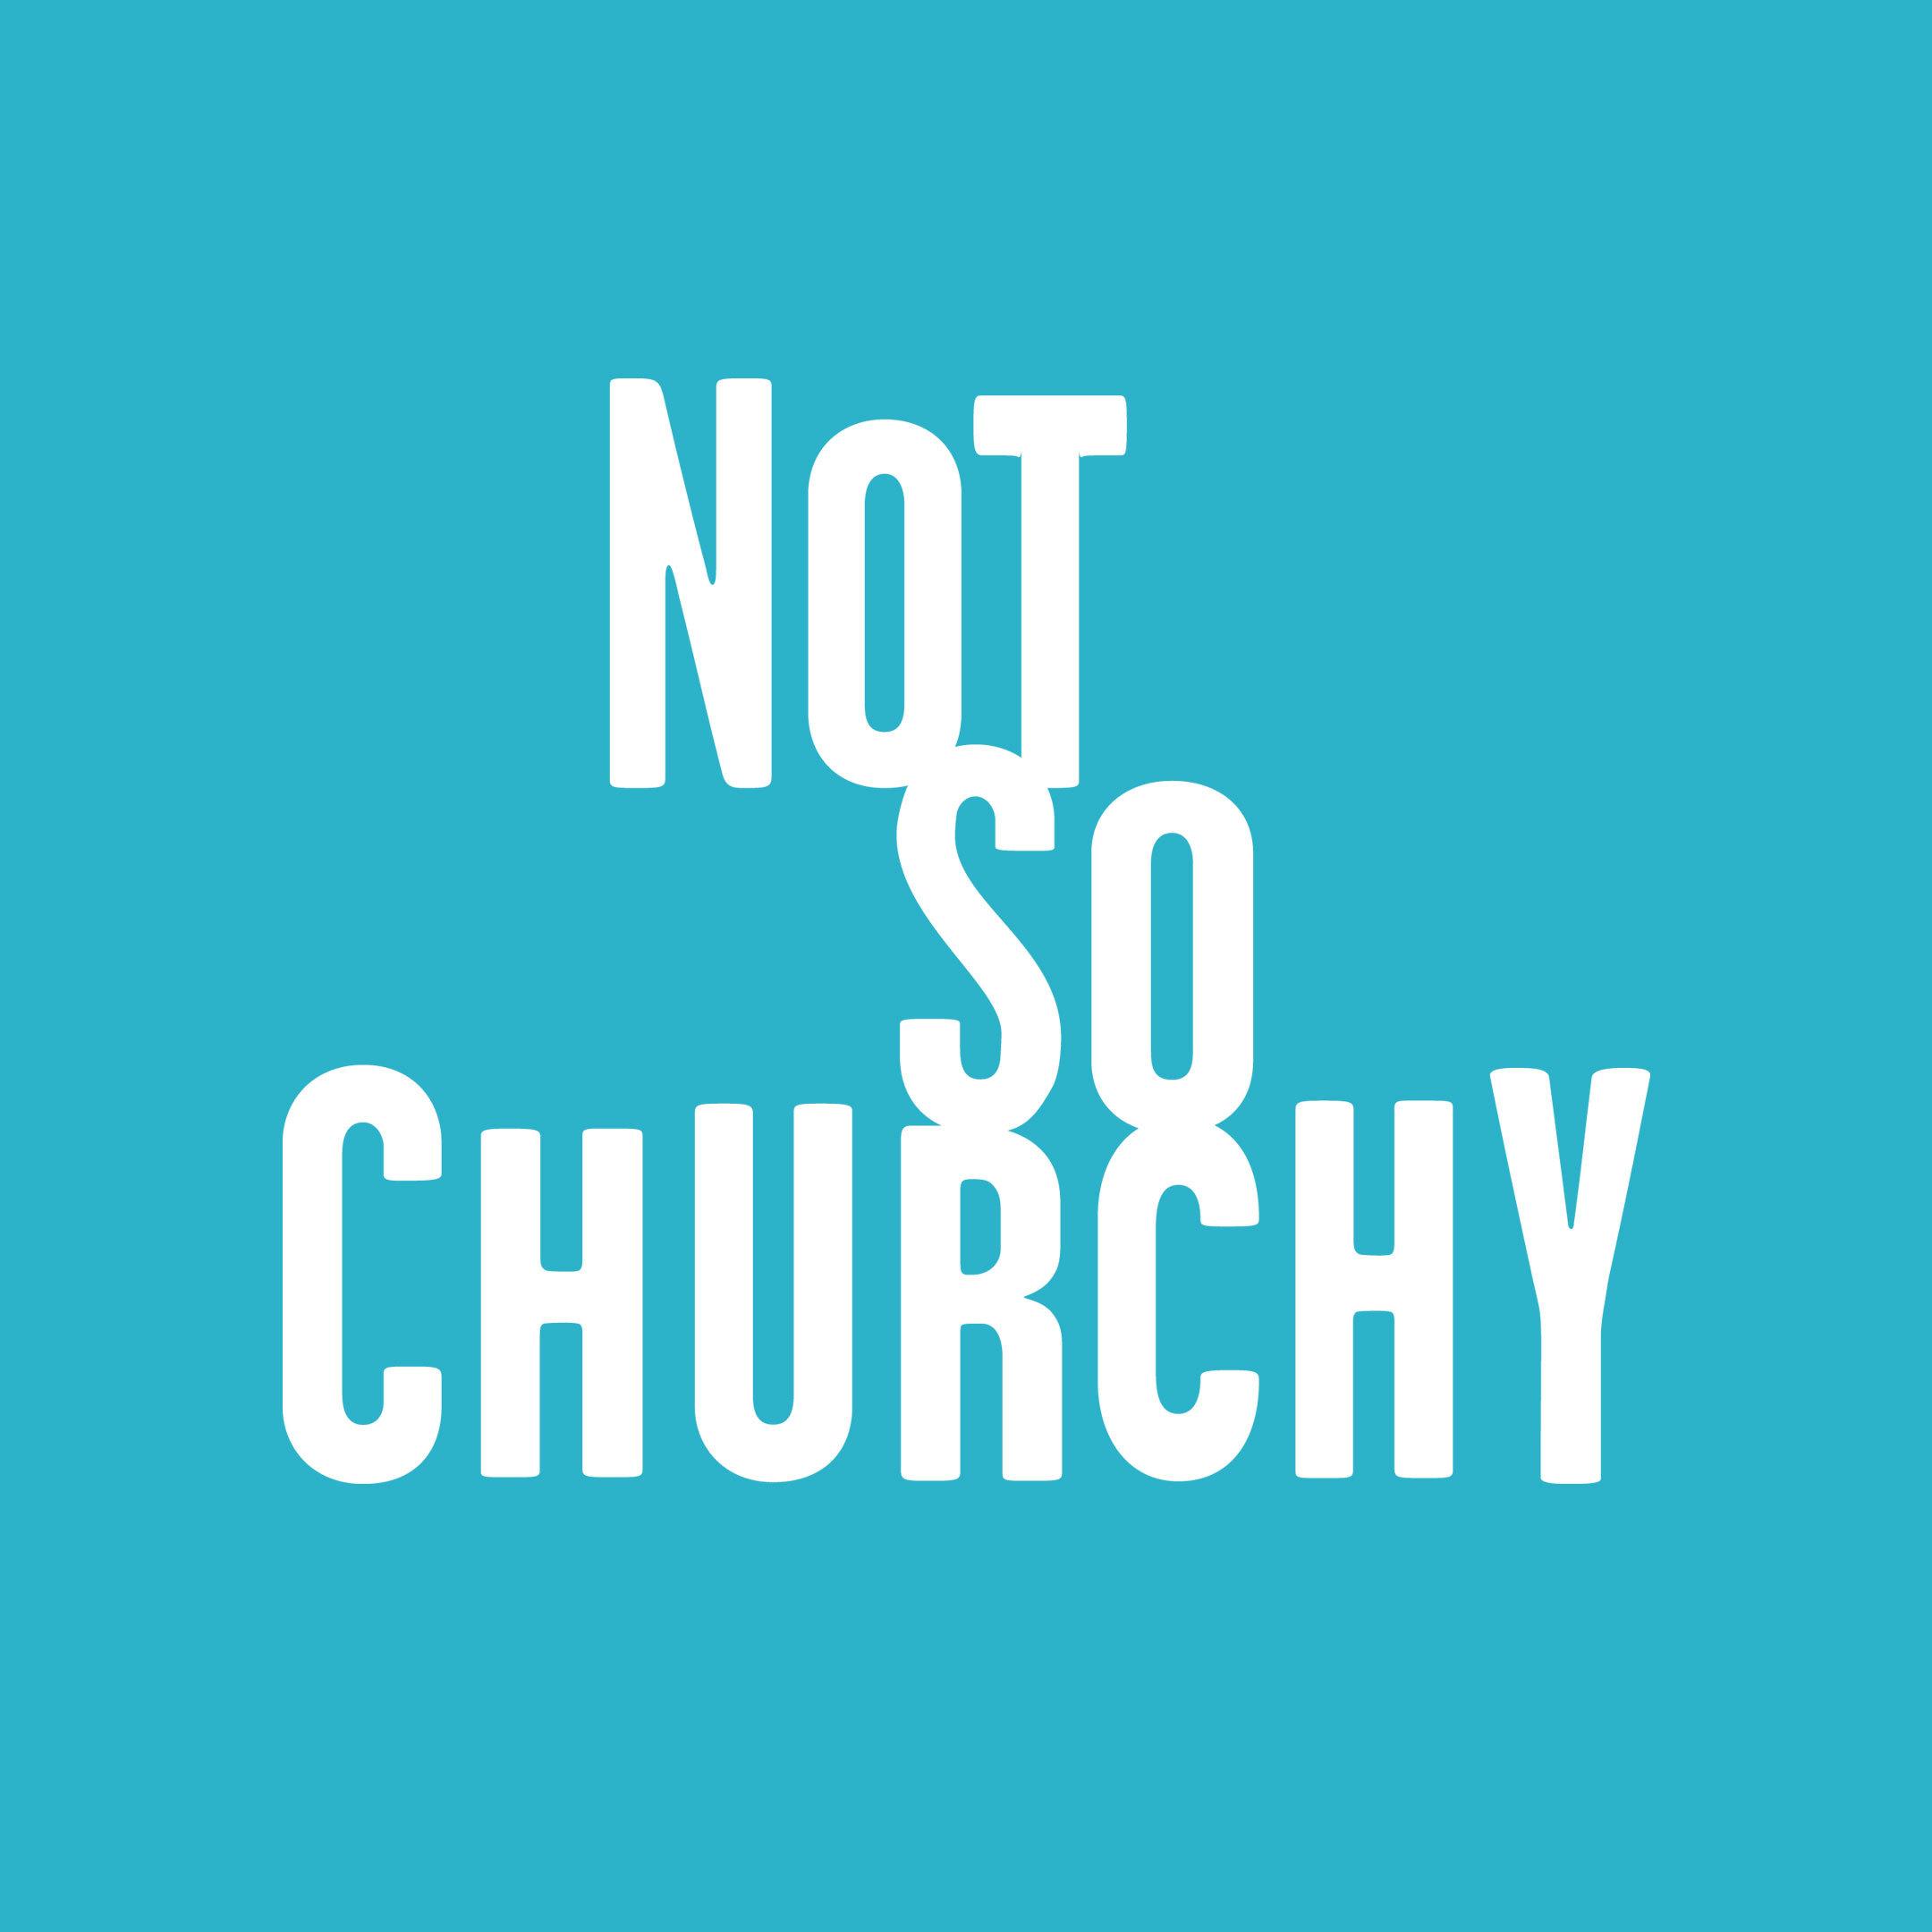 Not So Churchy